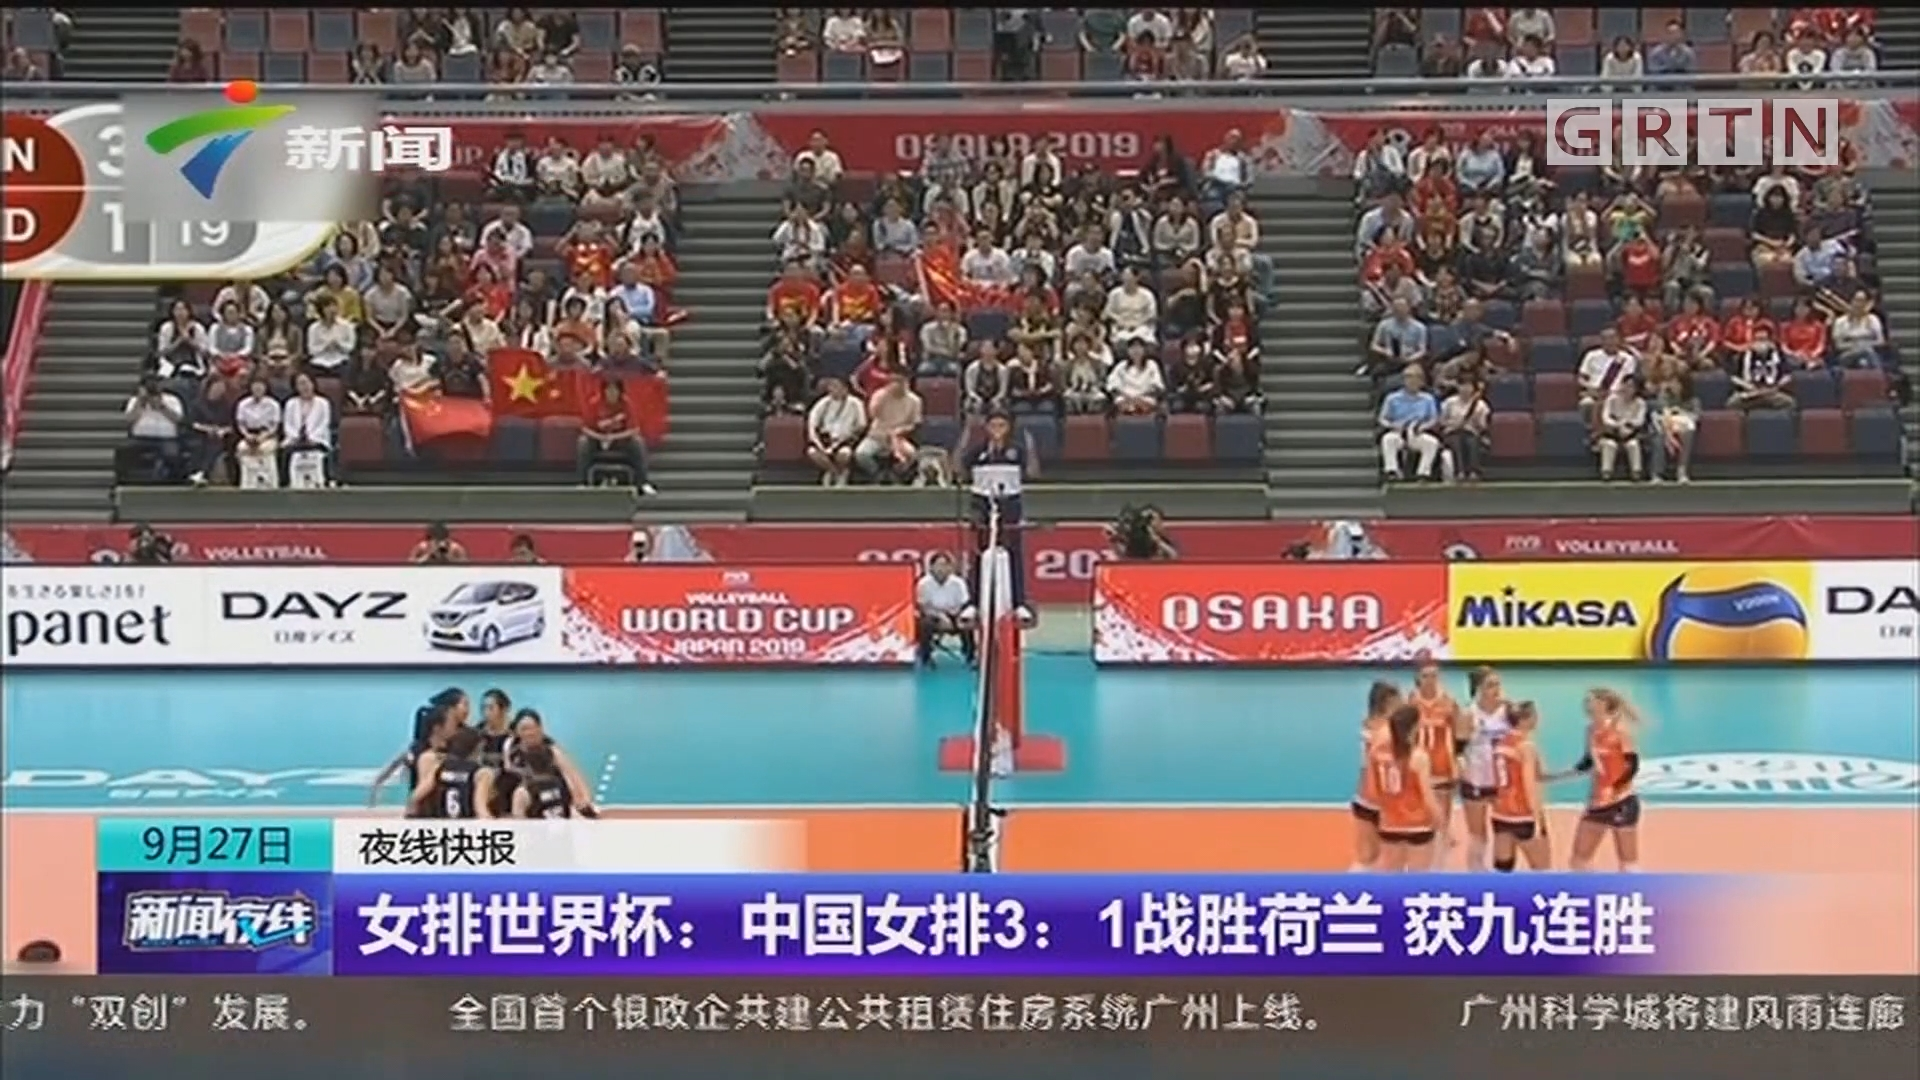 女排世界杯:中国女排3:1战胜荷兰 获九连胜